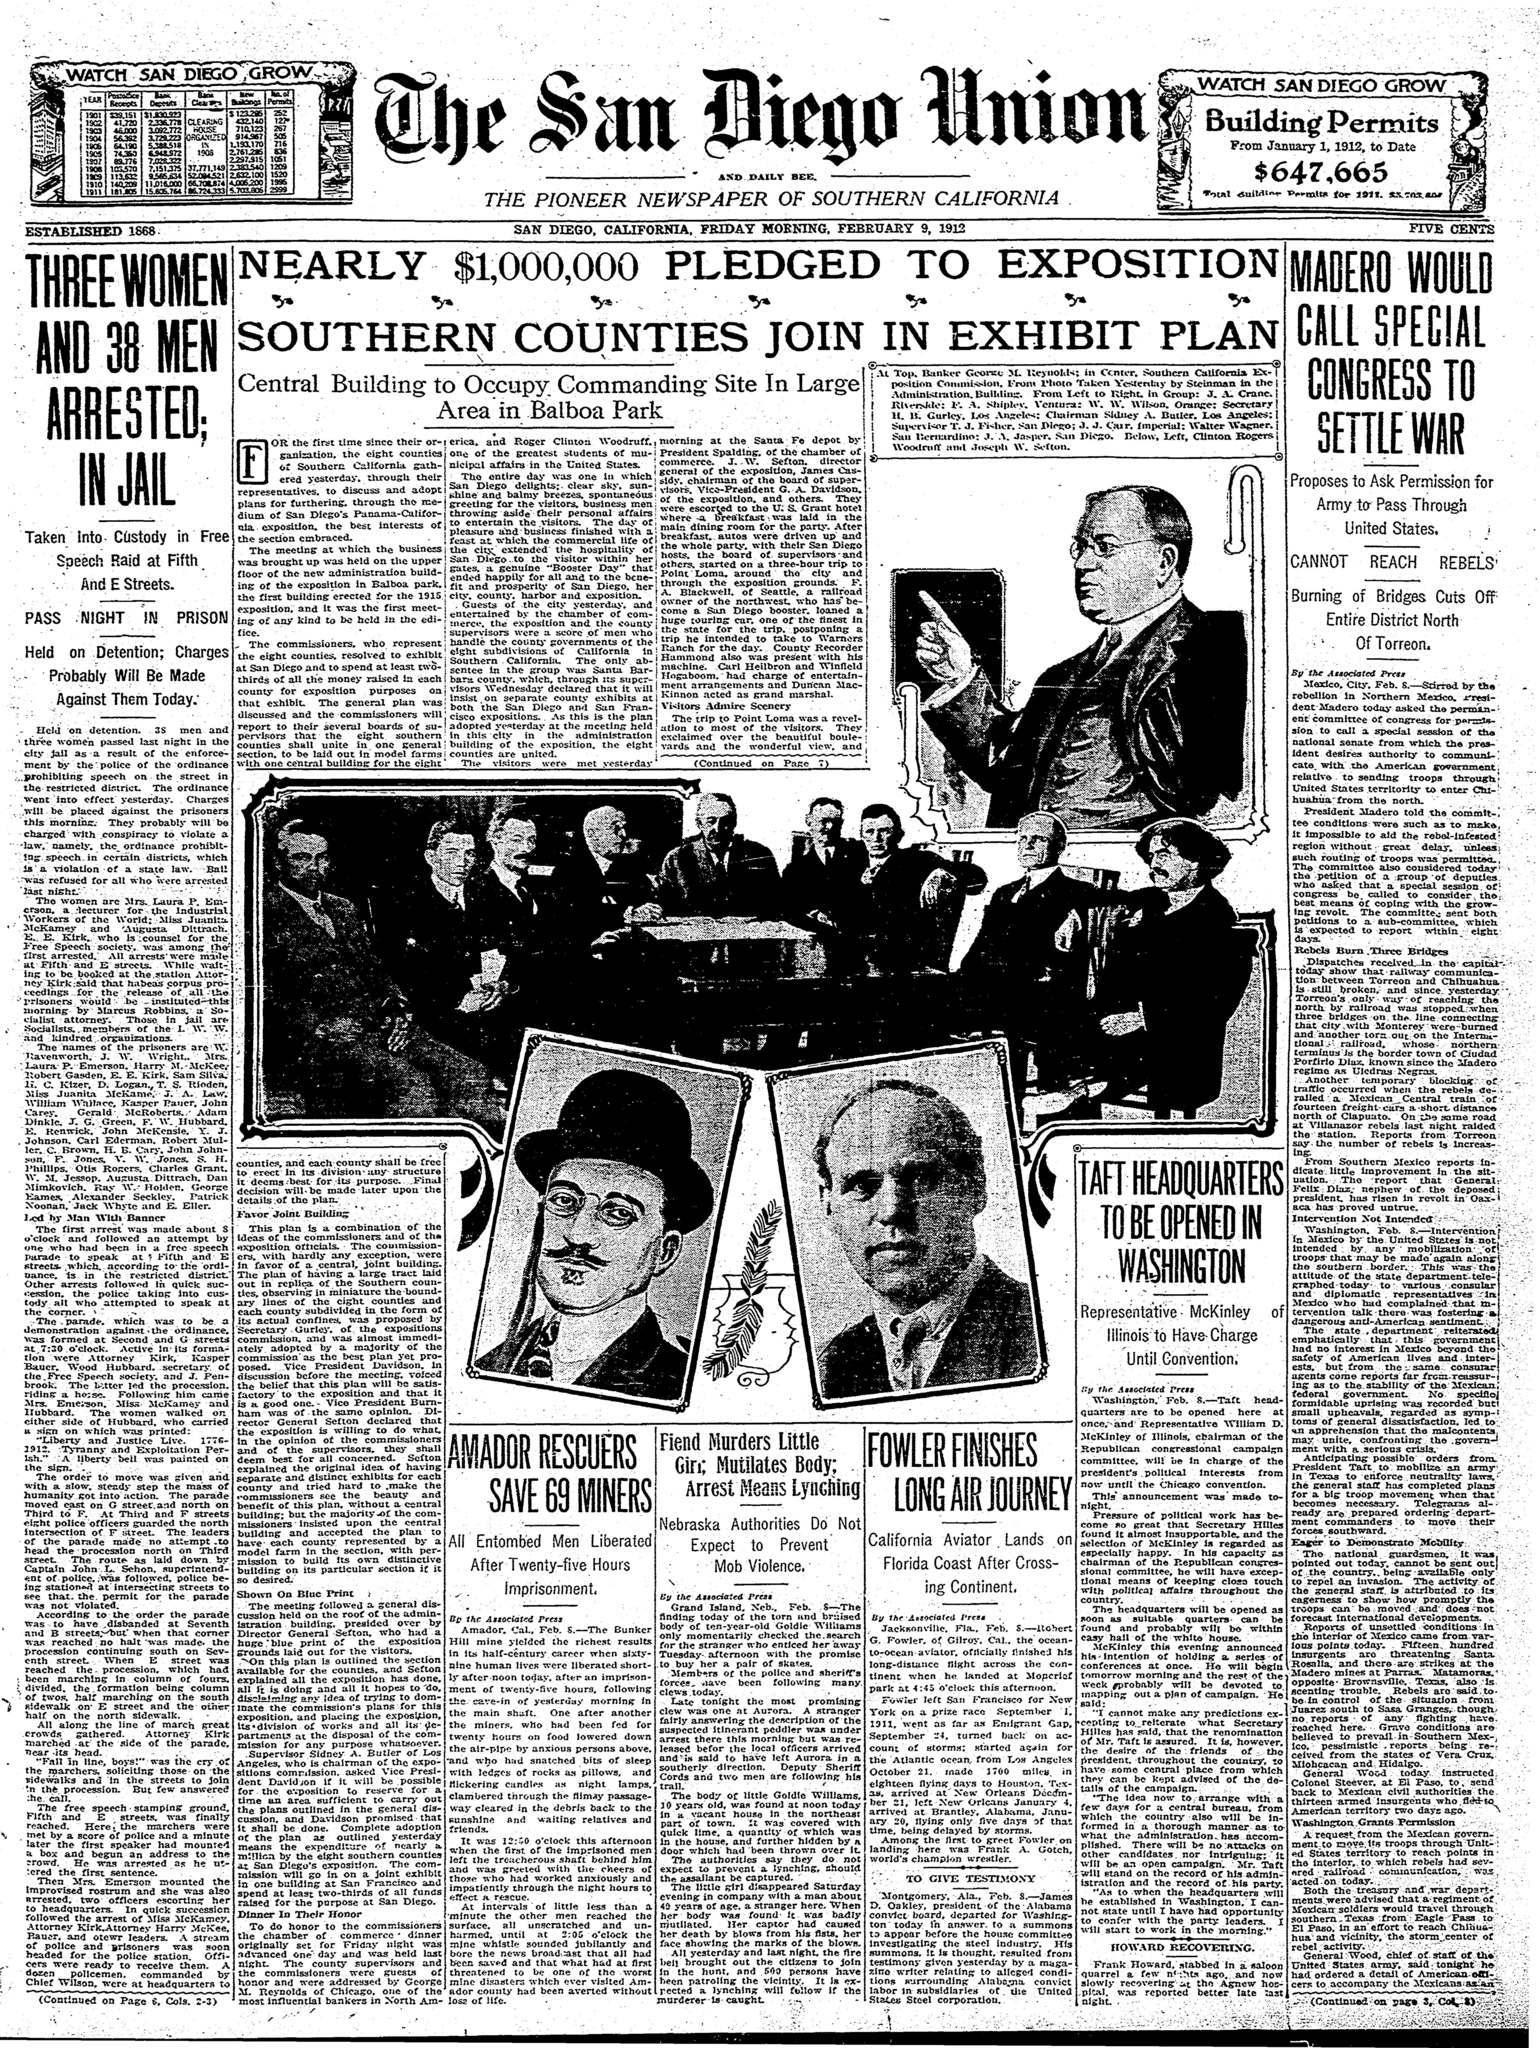 February 9, 1912